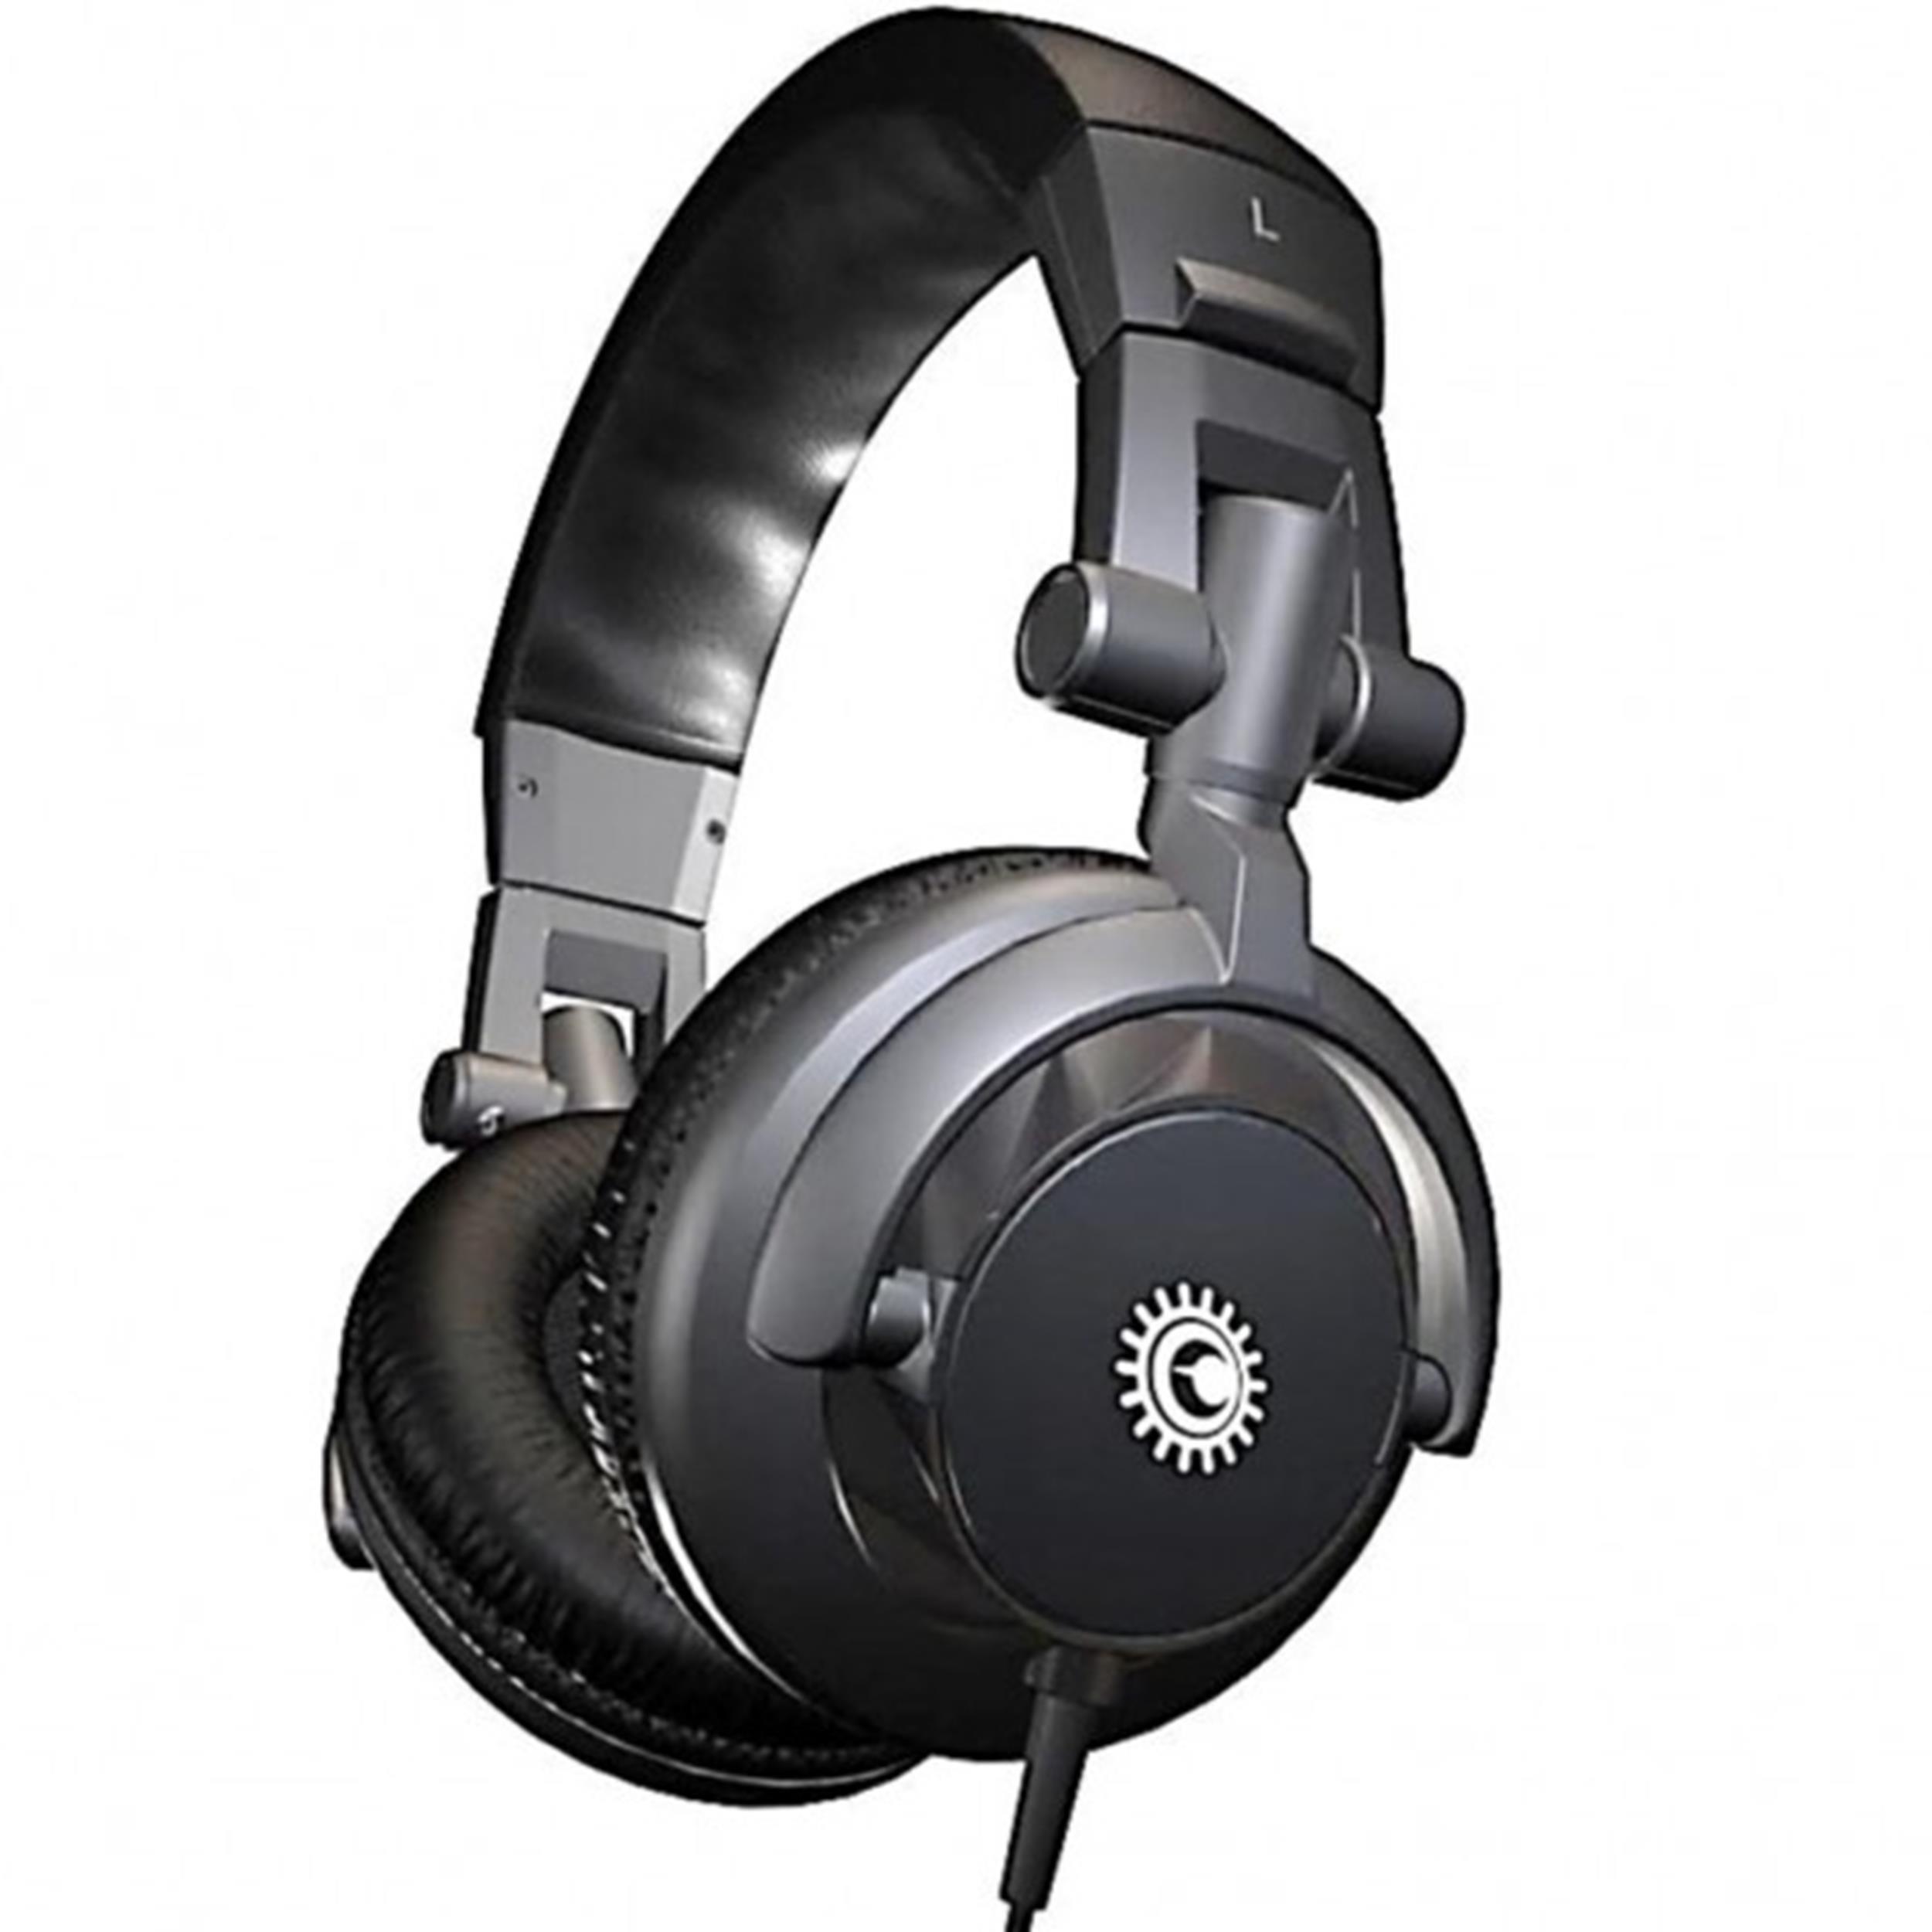 HERCULES-HDP-DJ-M-40-1-CUFFIE-sku-9579